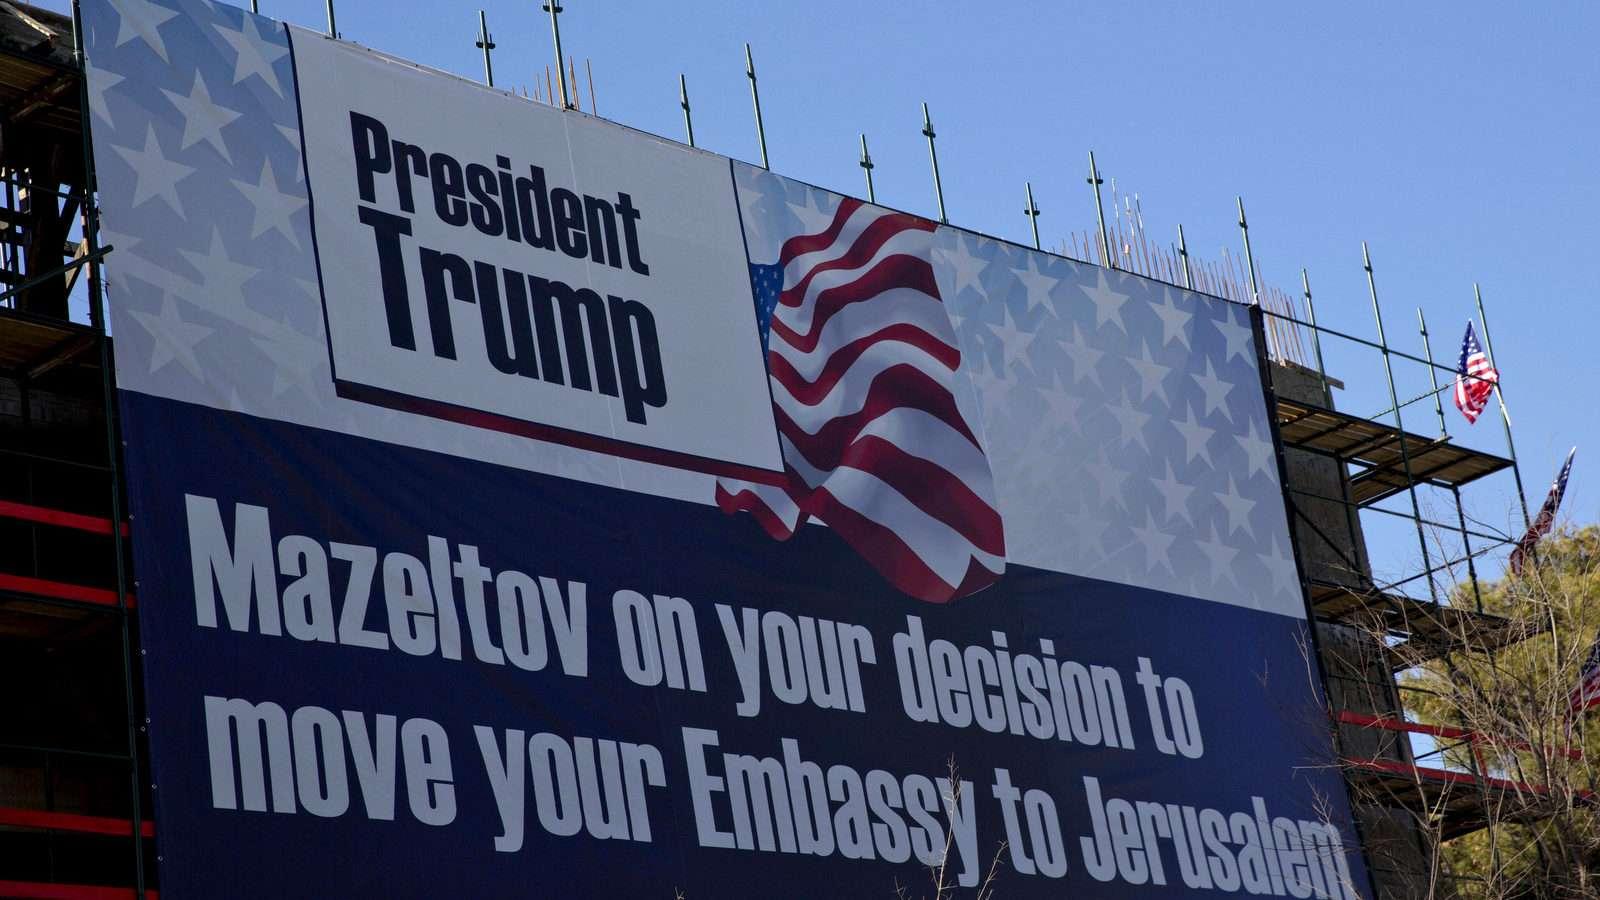 """Γιγανταία πινακίδα σε κτίριο της Ιερουσαλήμ """"ευχαριστεί"""" τον Τραμπ για την απόφαση του να μεταφέρει την πρεσβεία των ΗΠΑ στην πόλη."""